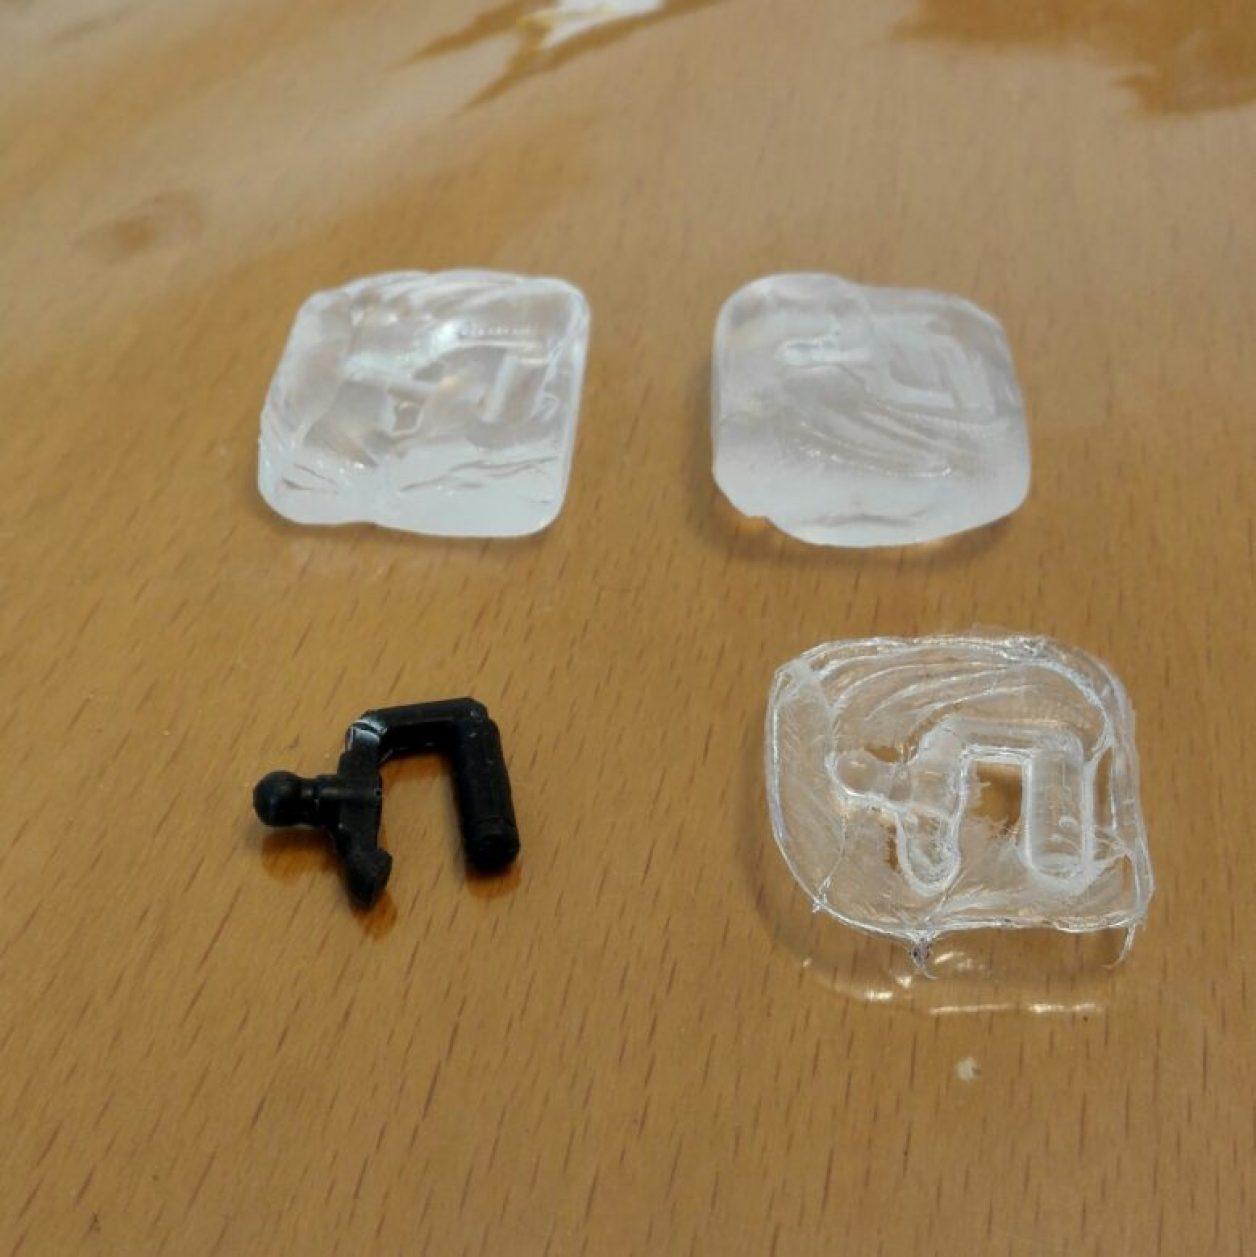 おゆまるやおゆぷらとUVクラフトレジン液によるパーツの複製方法に関する画像